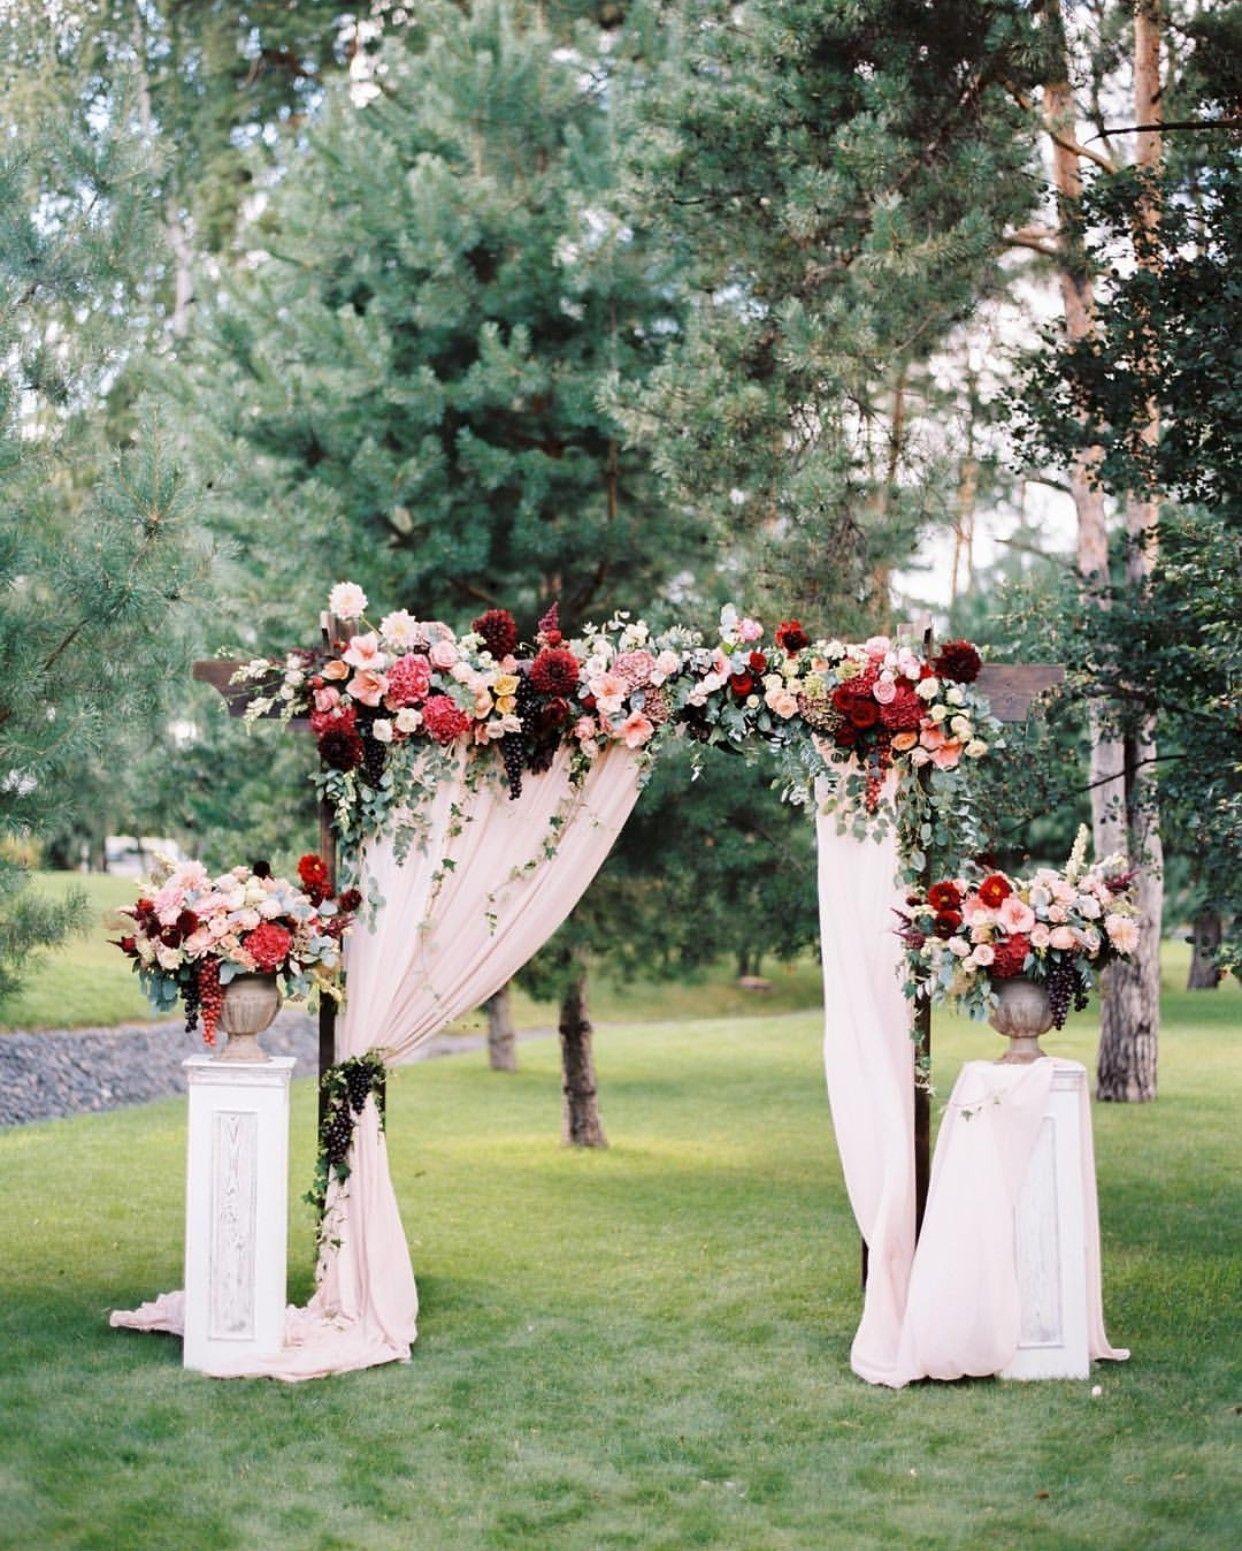 Yuranis + Mi matrimonio en 3 imagenes 1